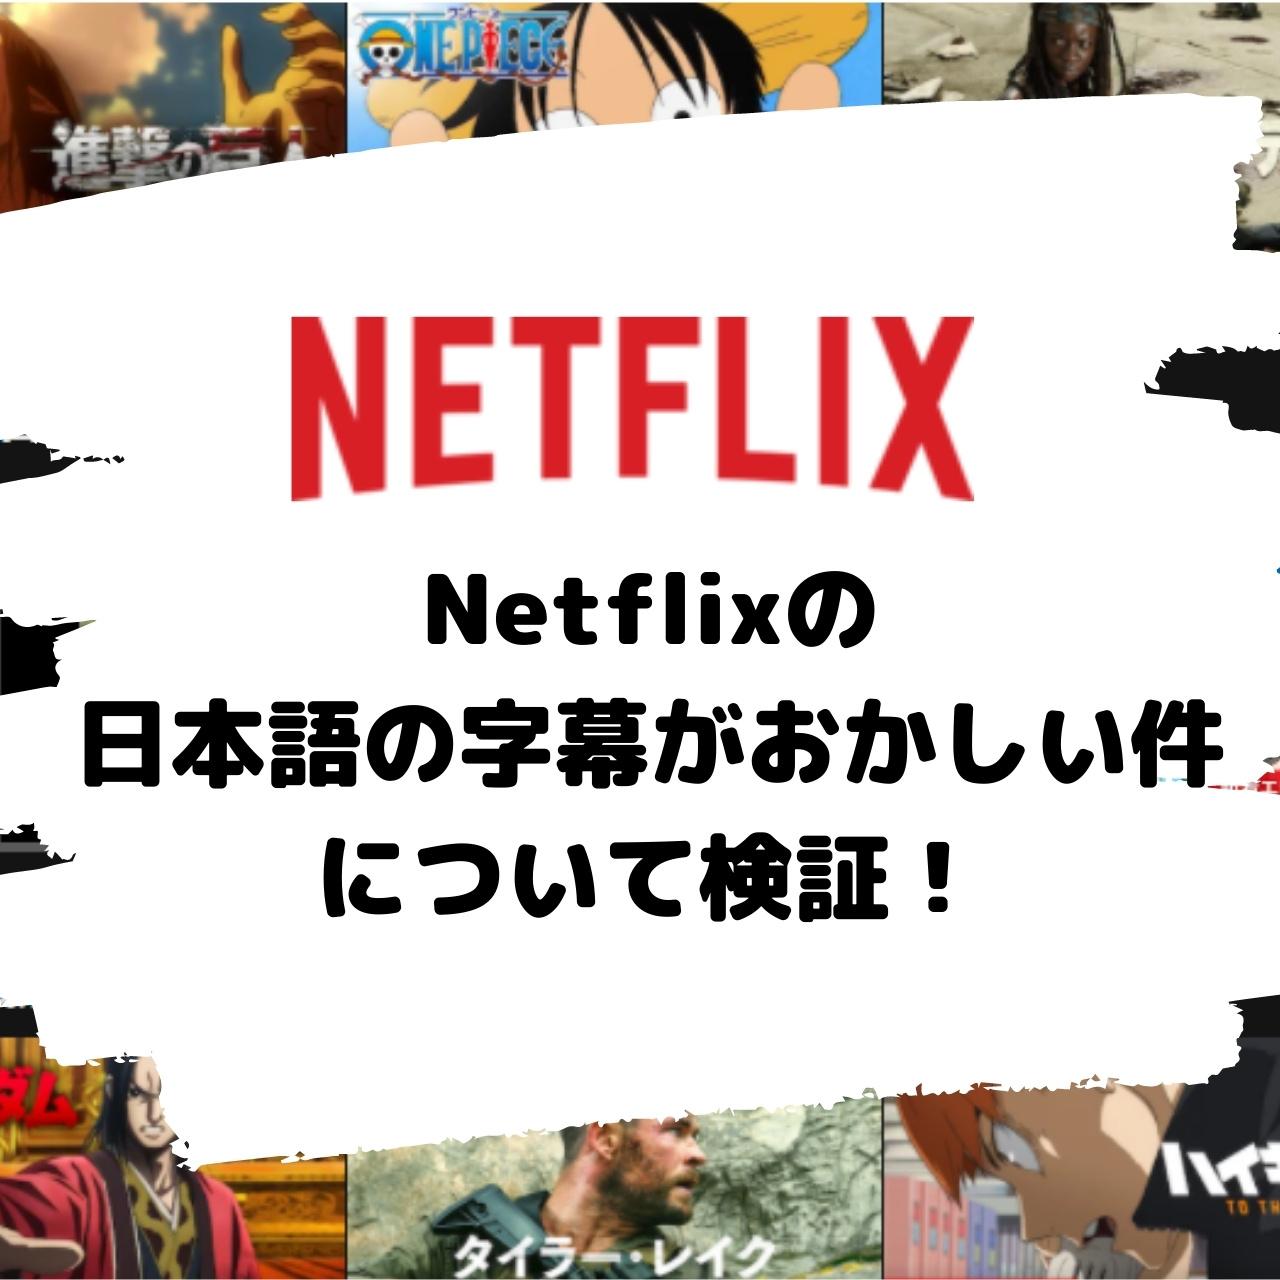 Netflixの日本語の字幕がおかしい件について検証!